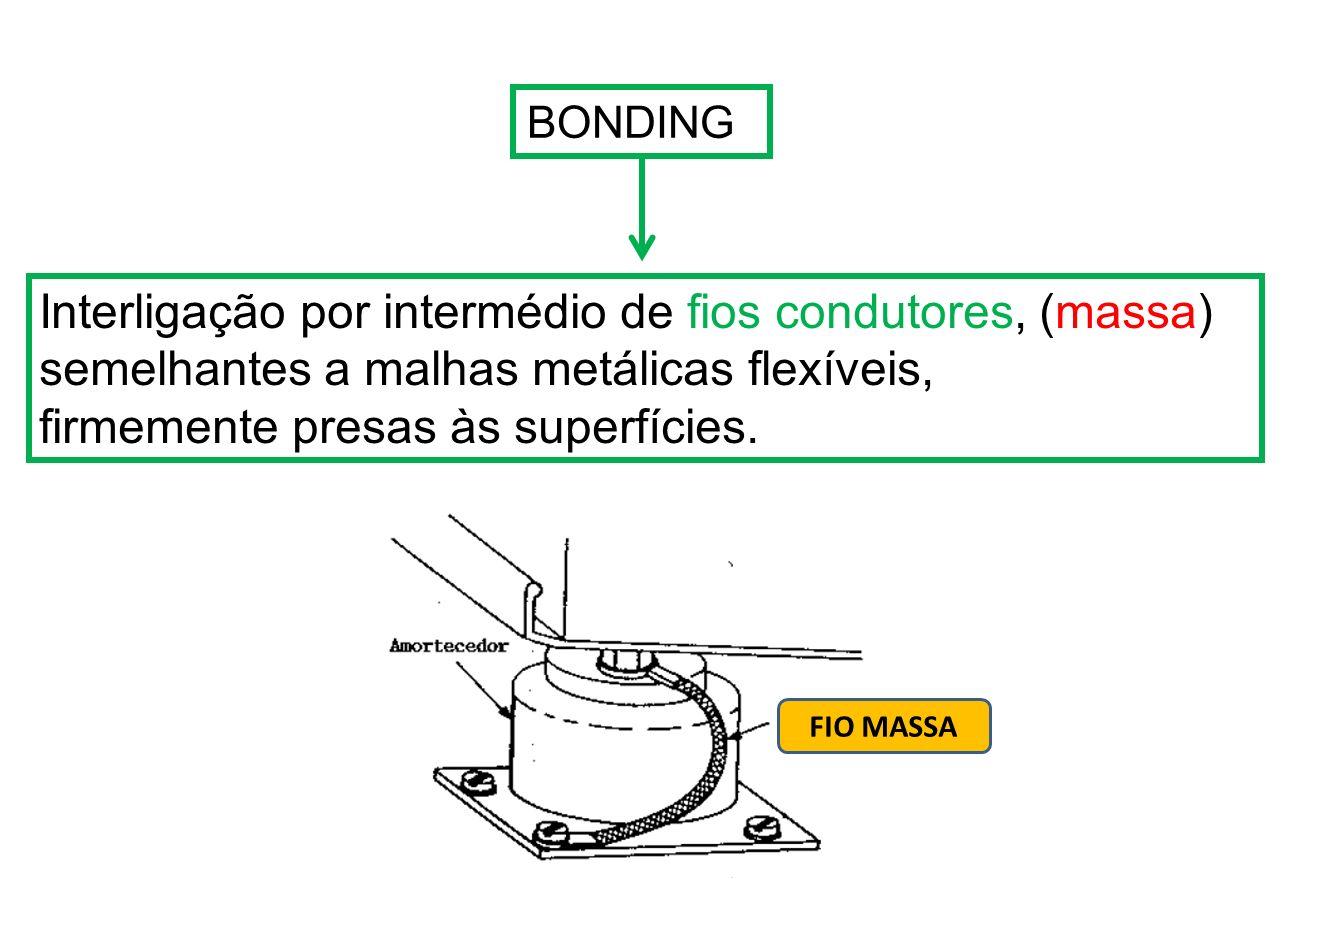 Interligação por intermédio de fios condutores, (massa)